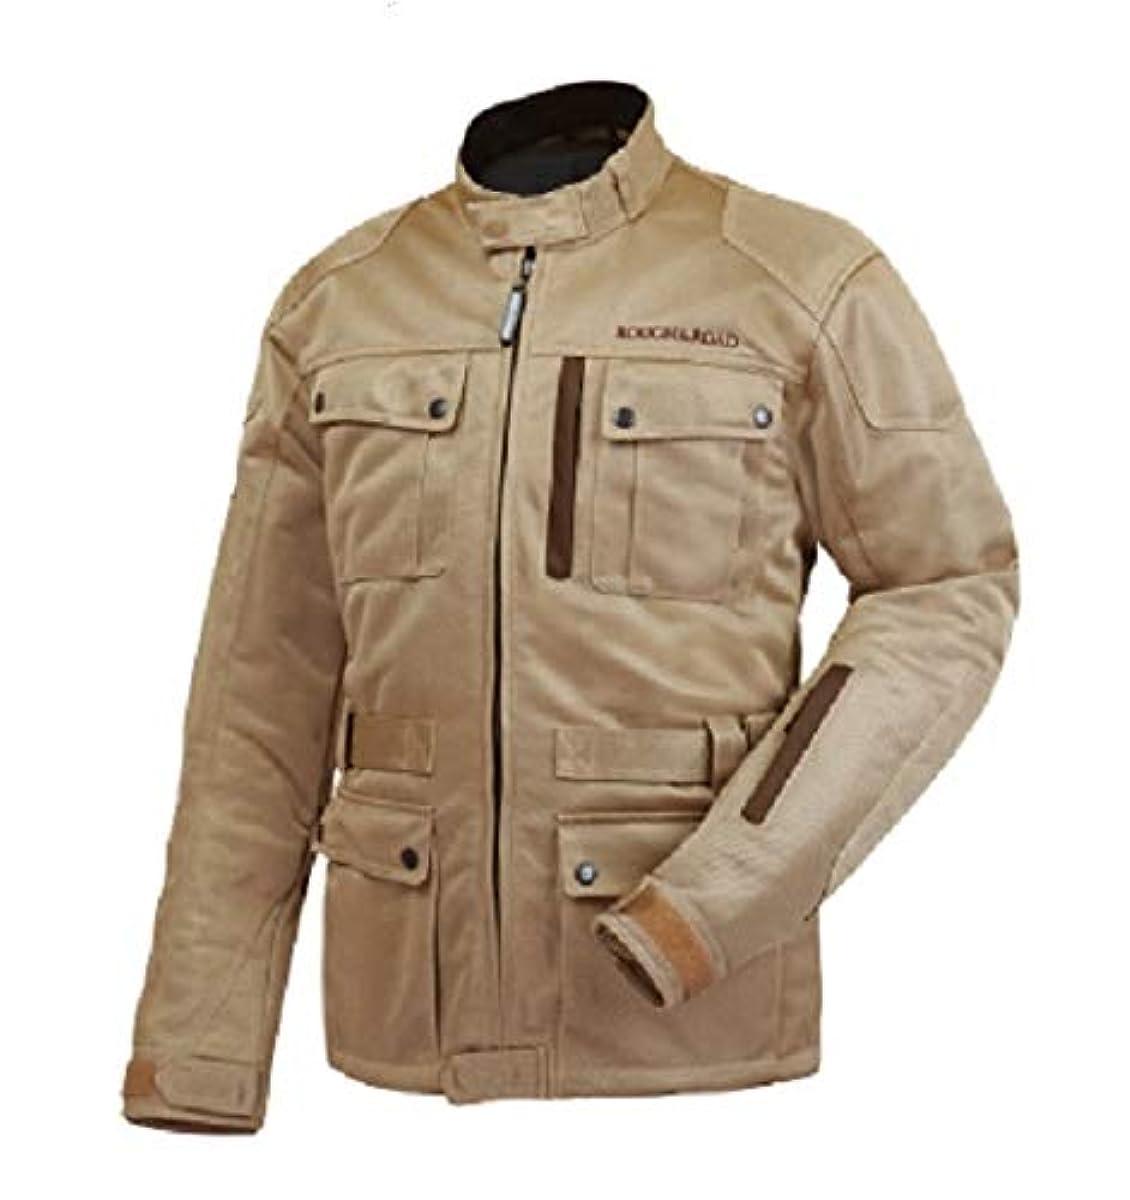 [해외] 러프 앤드 로드(ROUGH&ROAD) 오토바이용 재킷 트렉 메쉬 재킷 RR7327 베이지 X엘사이즈 RR7327BE5